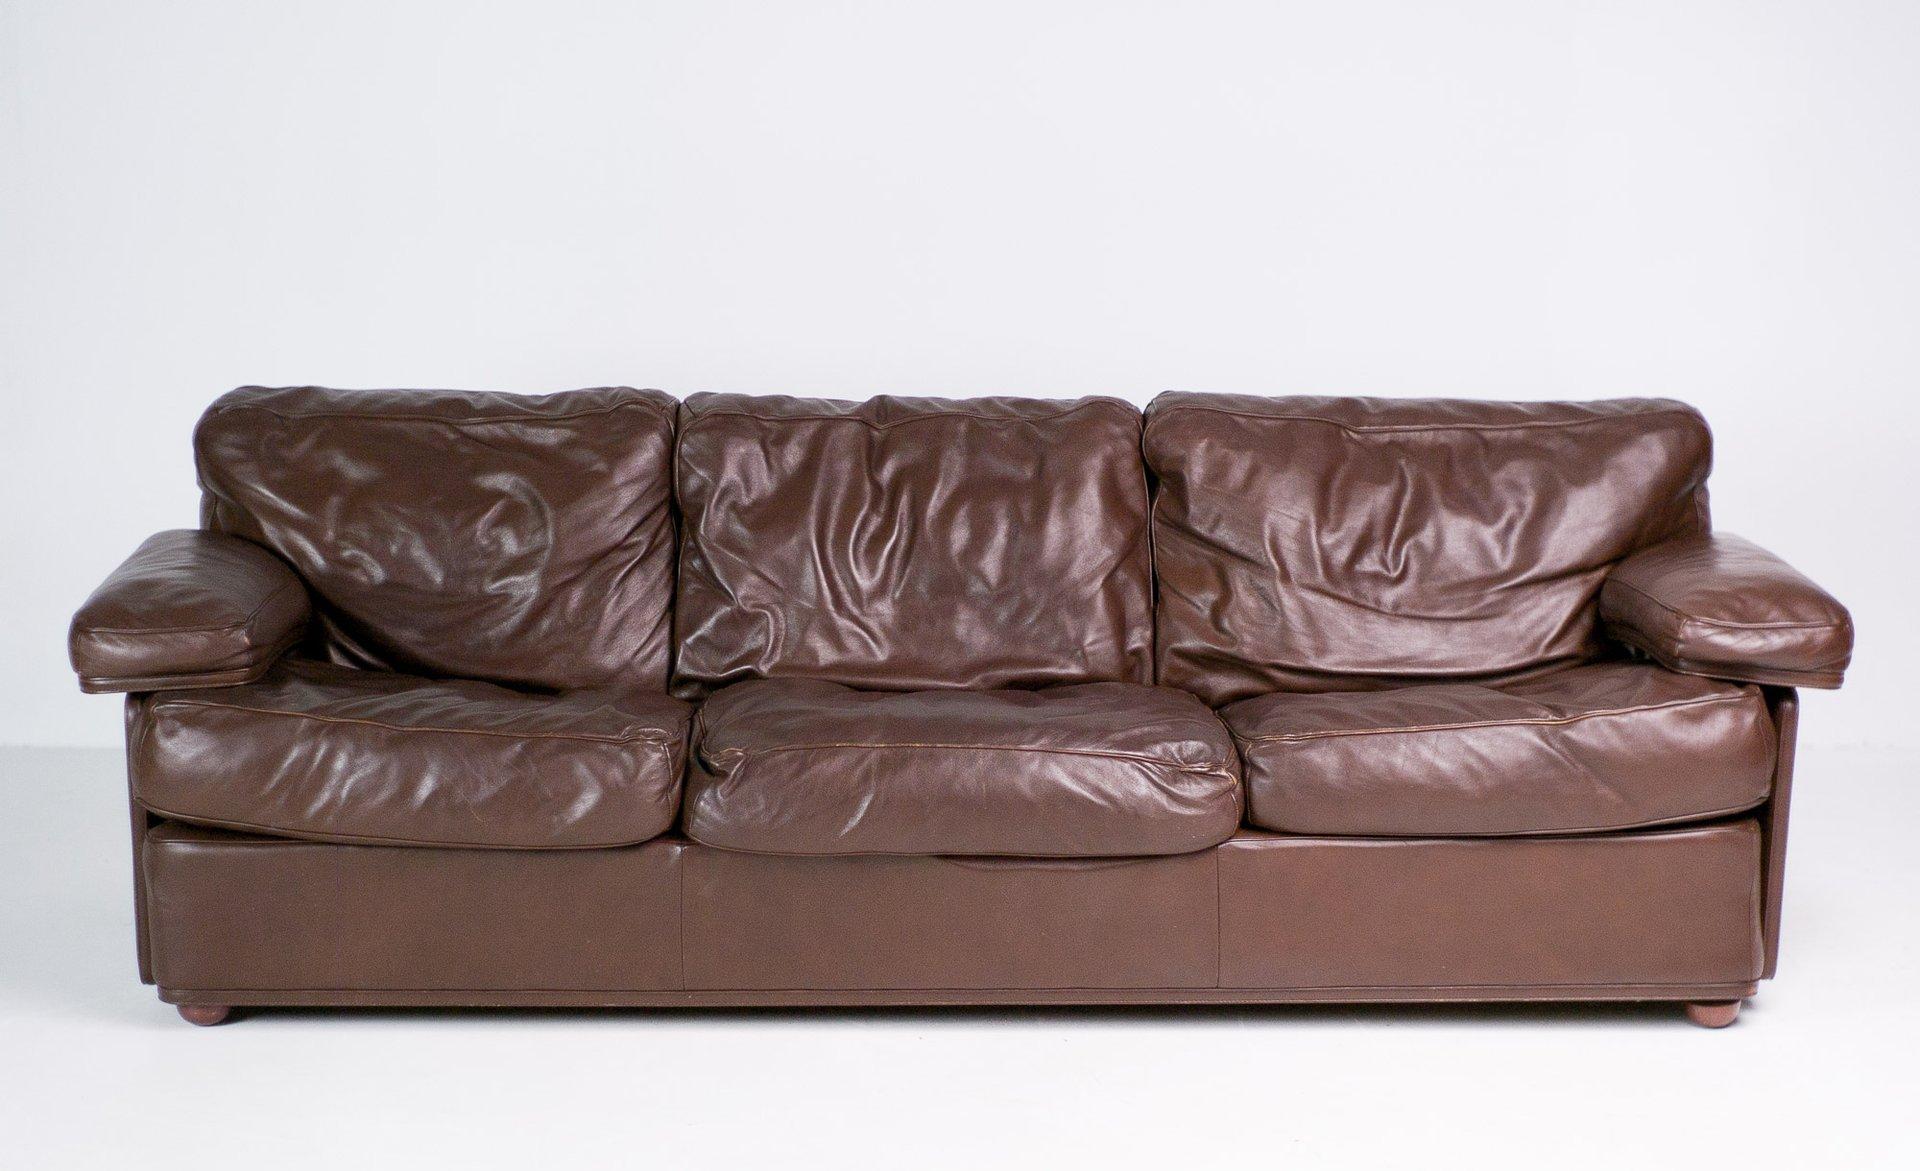 canap moderne par tito agnoli pour poltrona frau italie en vente sur pamono. Black Bedroom Furniture Sets. Home Design Ideas